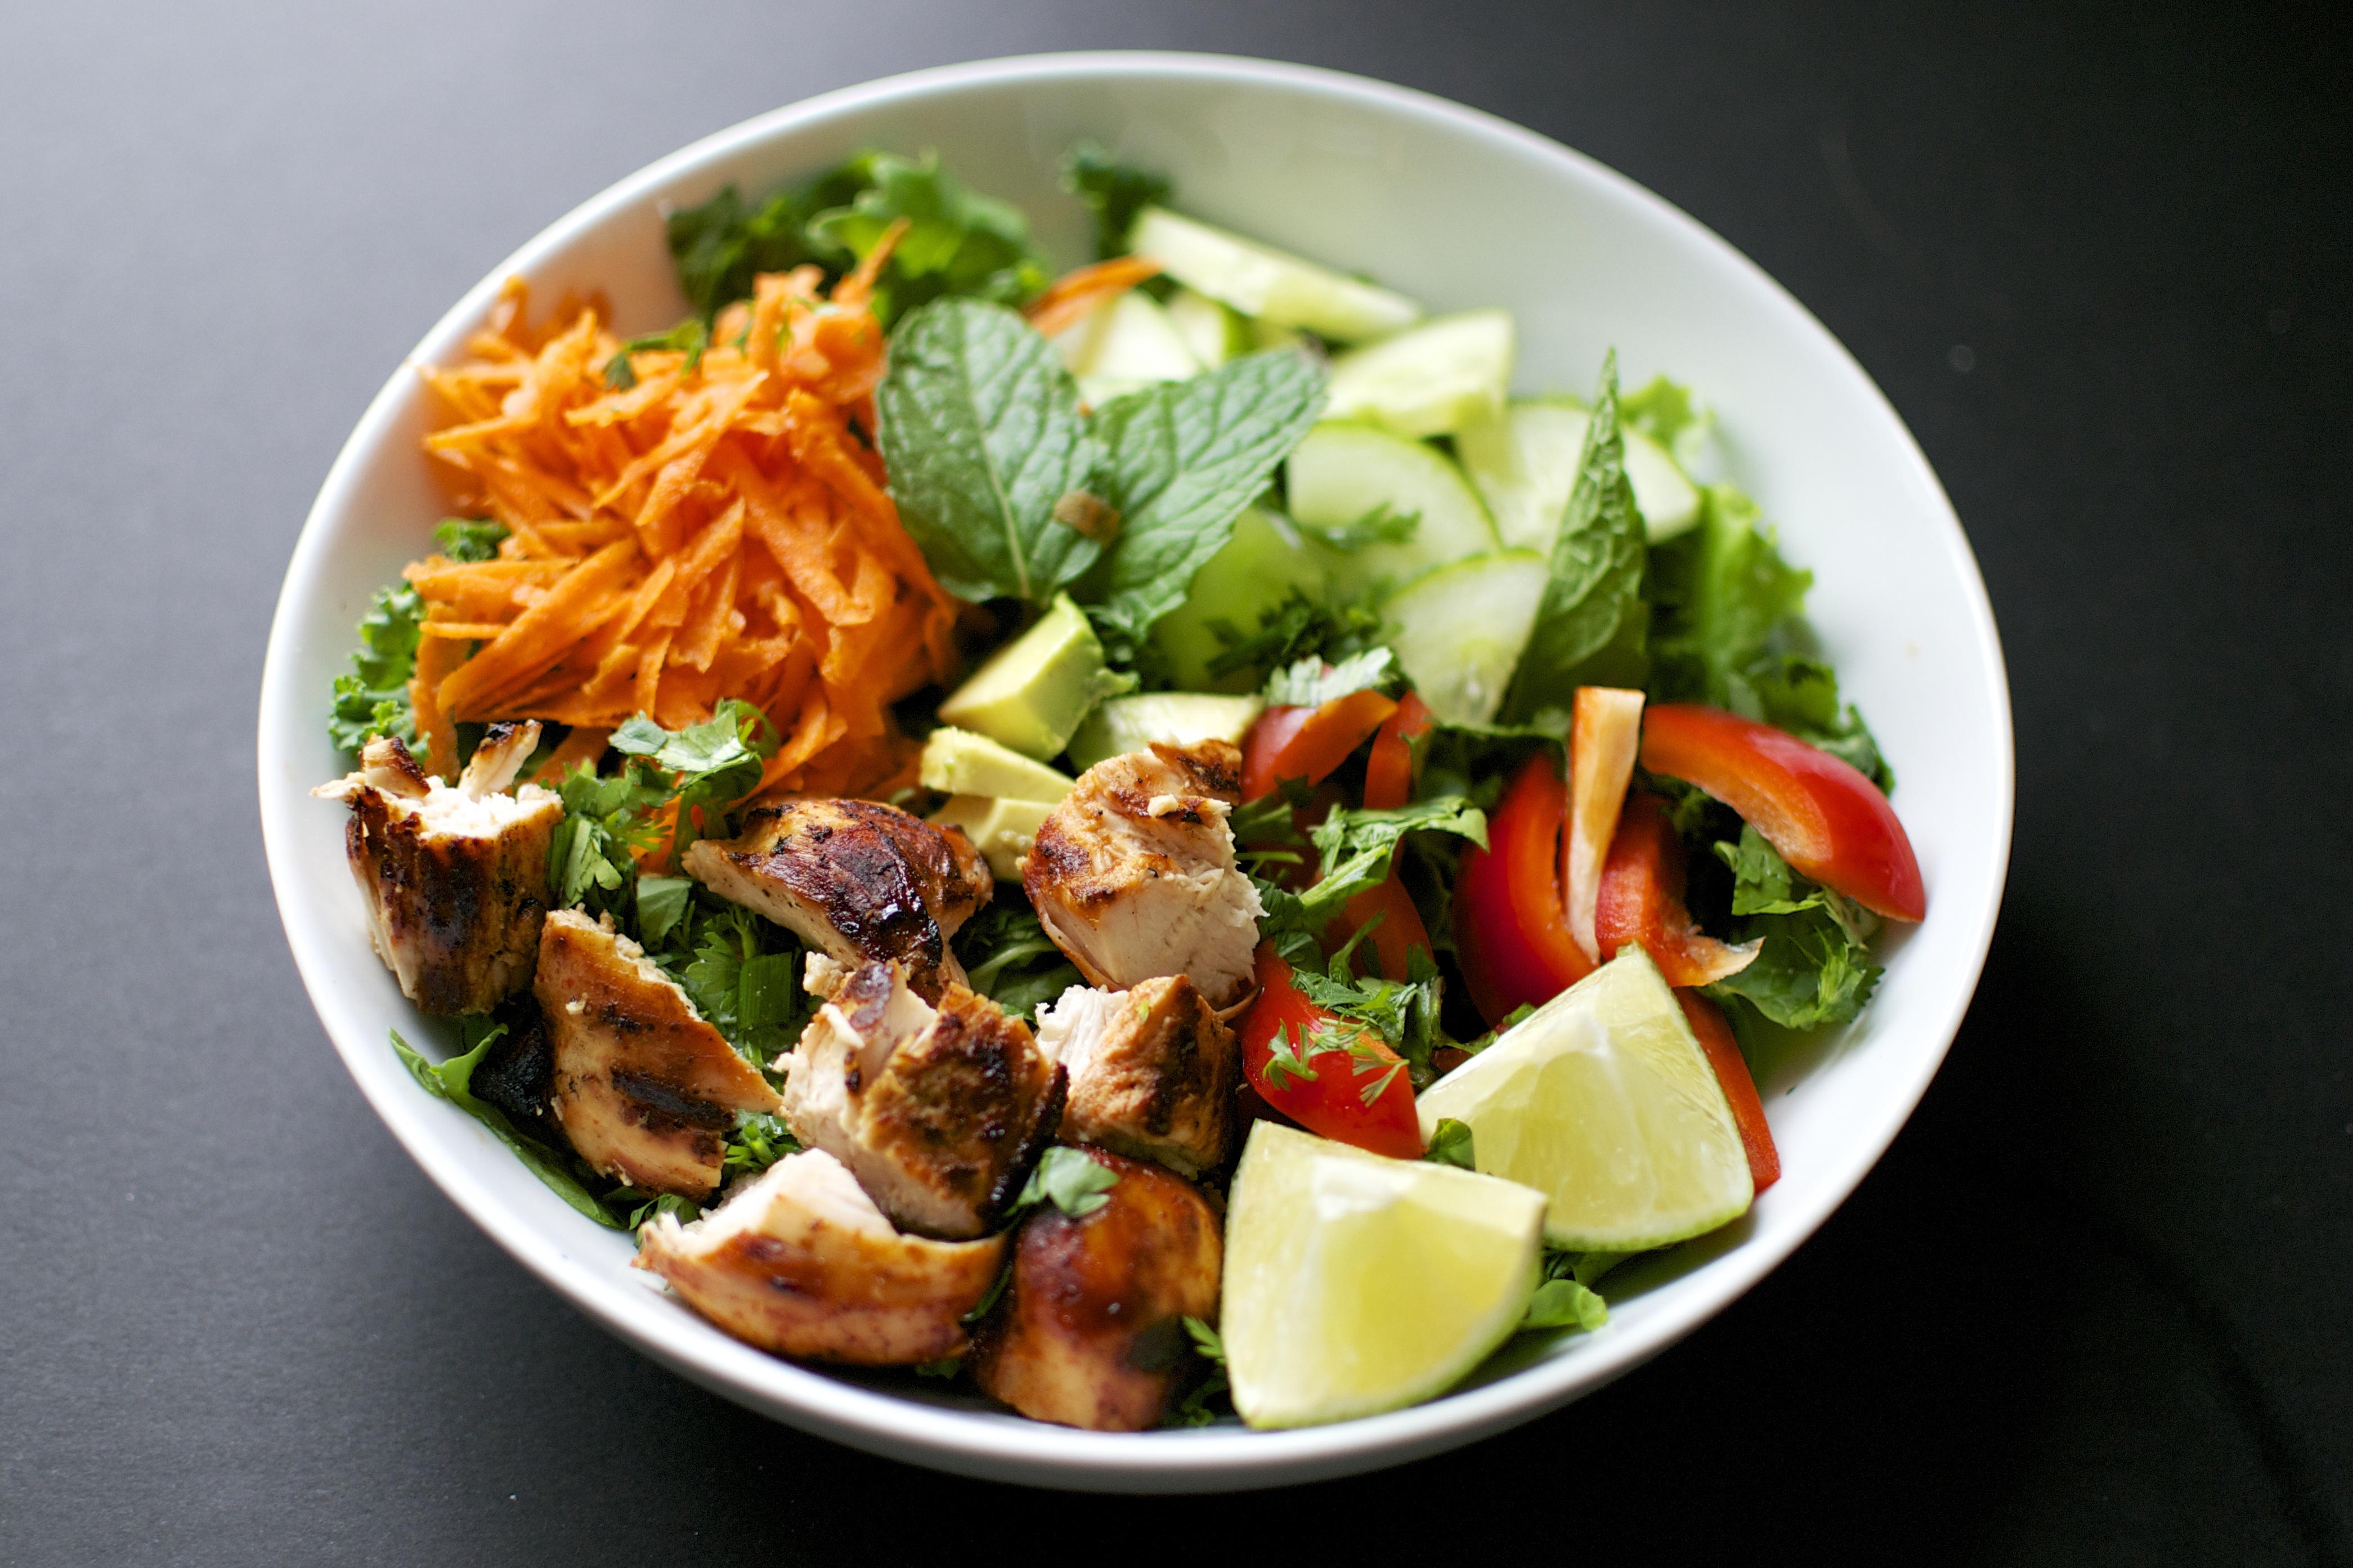 Thai chicken salad with spicy peanut sauce dressing big eats tiny thai chicken salad big eats tiny kitchen forumfinder Choice Image